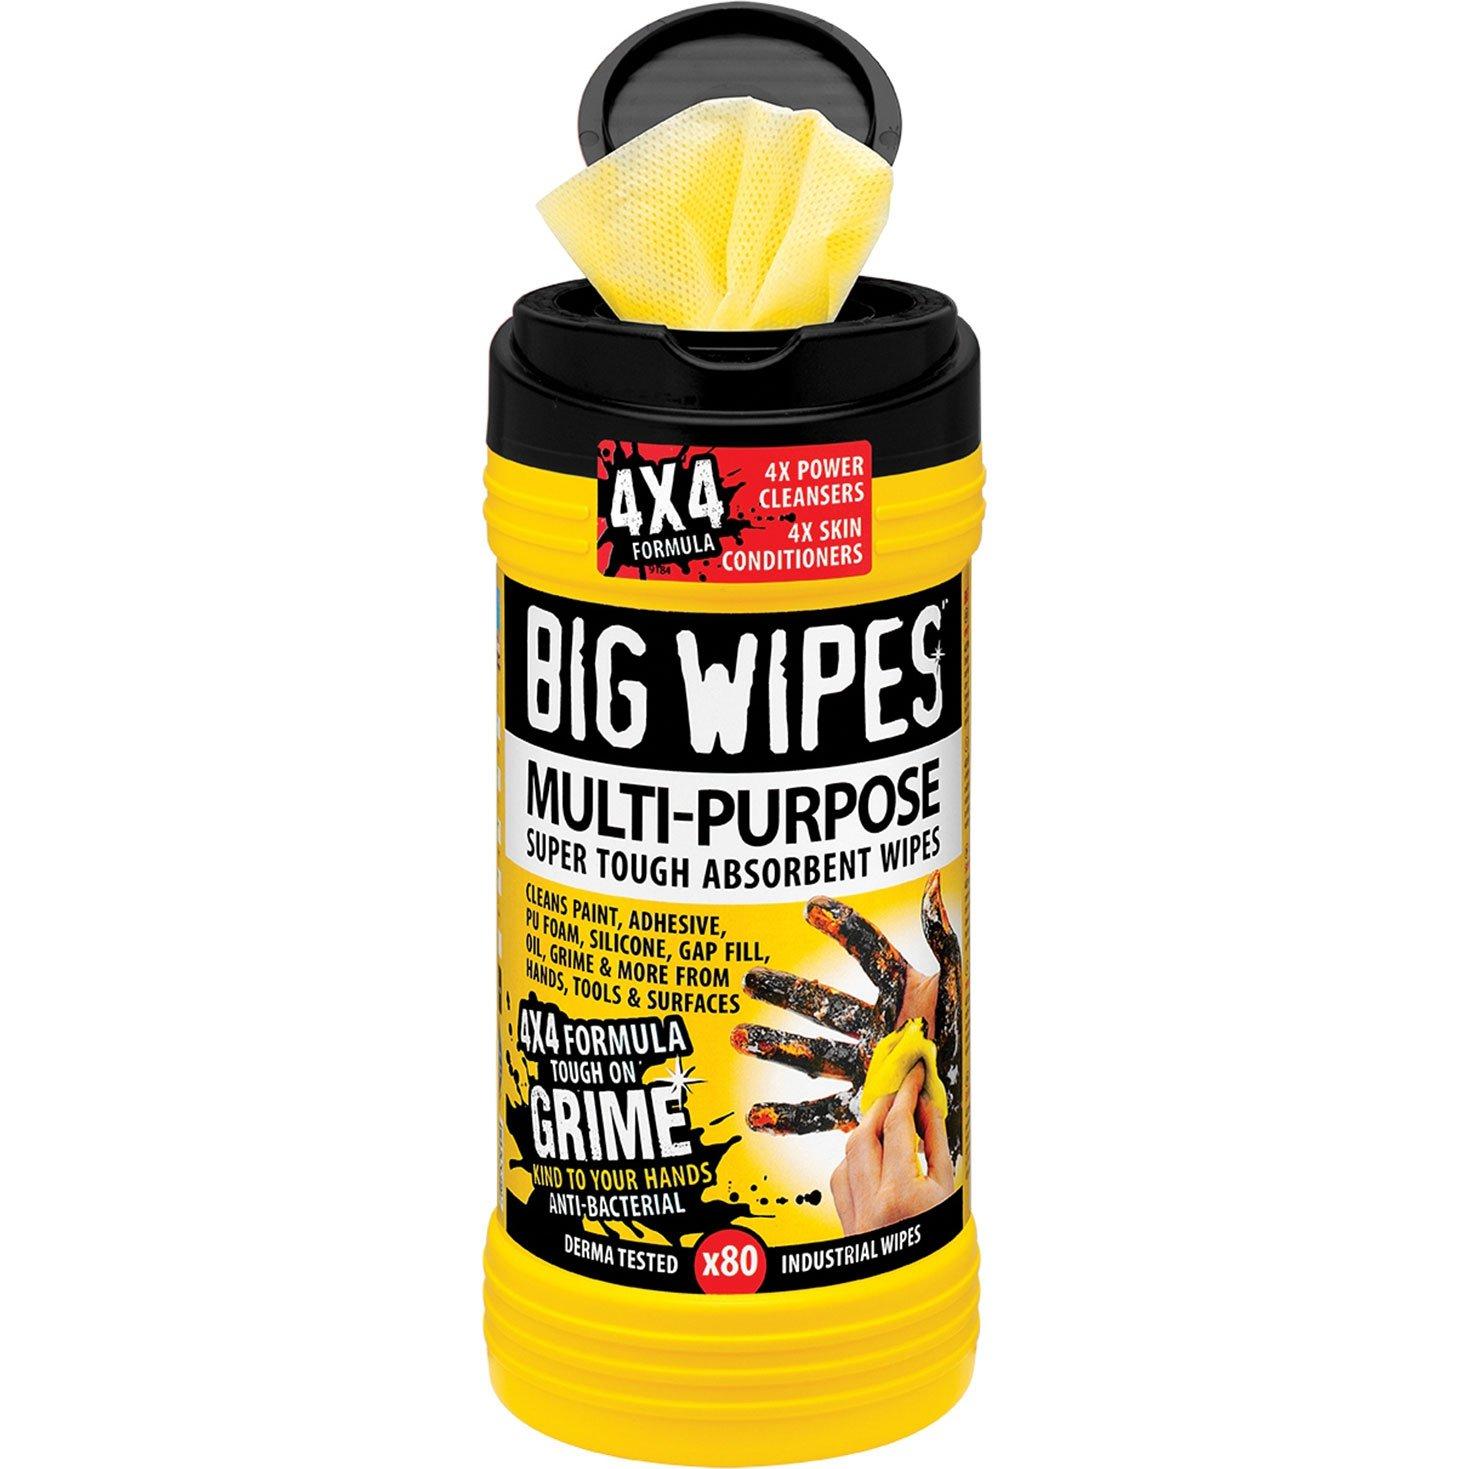 Big Wipes 2410-4 X 4-Pulgadas Multi-Propósito Paños De Limpieza (Paquete De 80): Amazon.es: Industria, empresas y ciencia